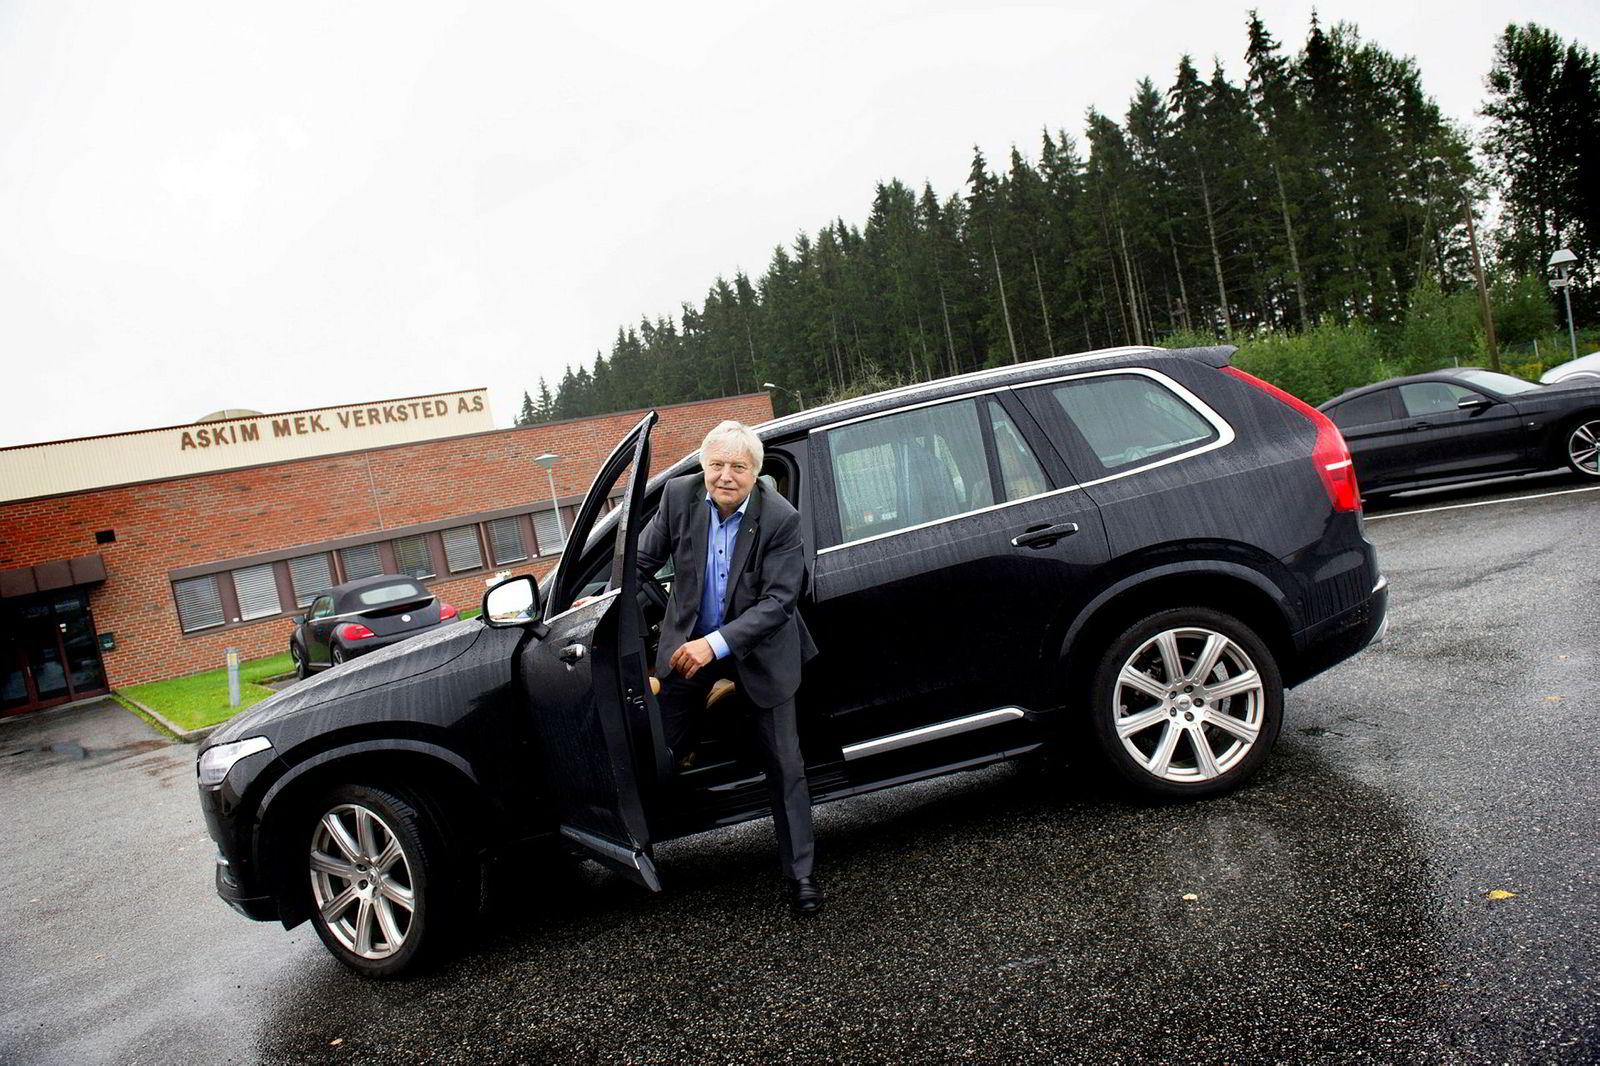 – Jeg har selv opplevd at Kjell Inge Røkke har vist stor interesse for skog, sier styreleder Olav Breivik i Viken Skog.